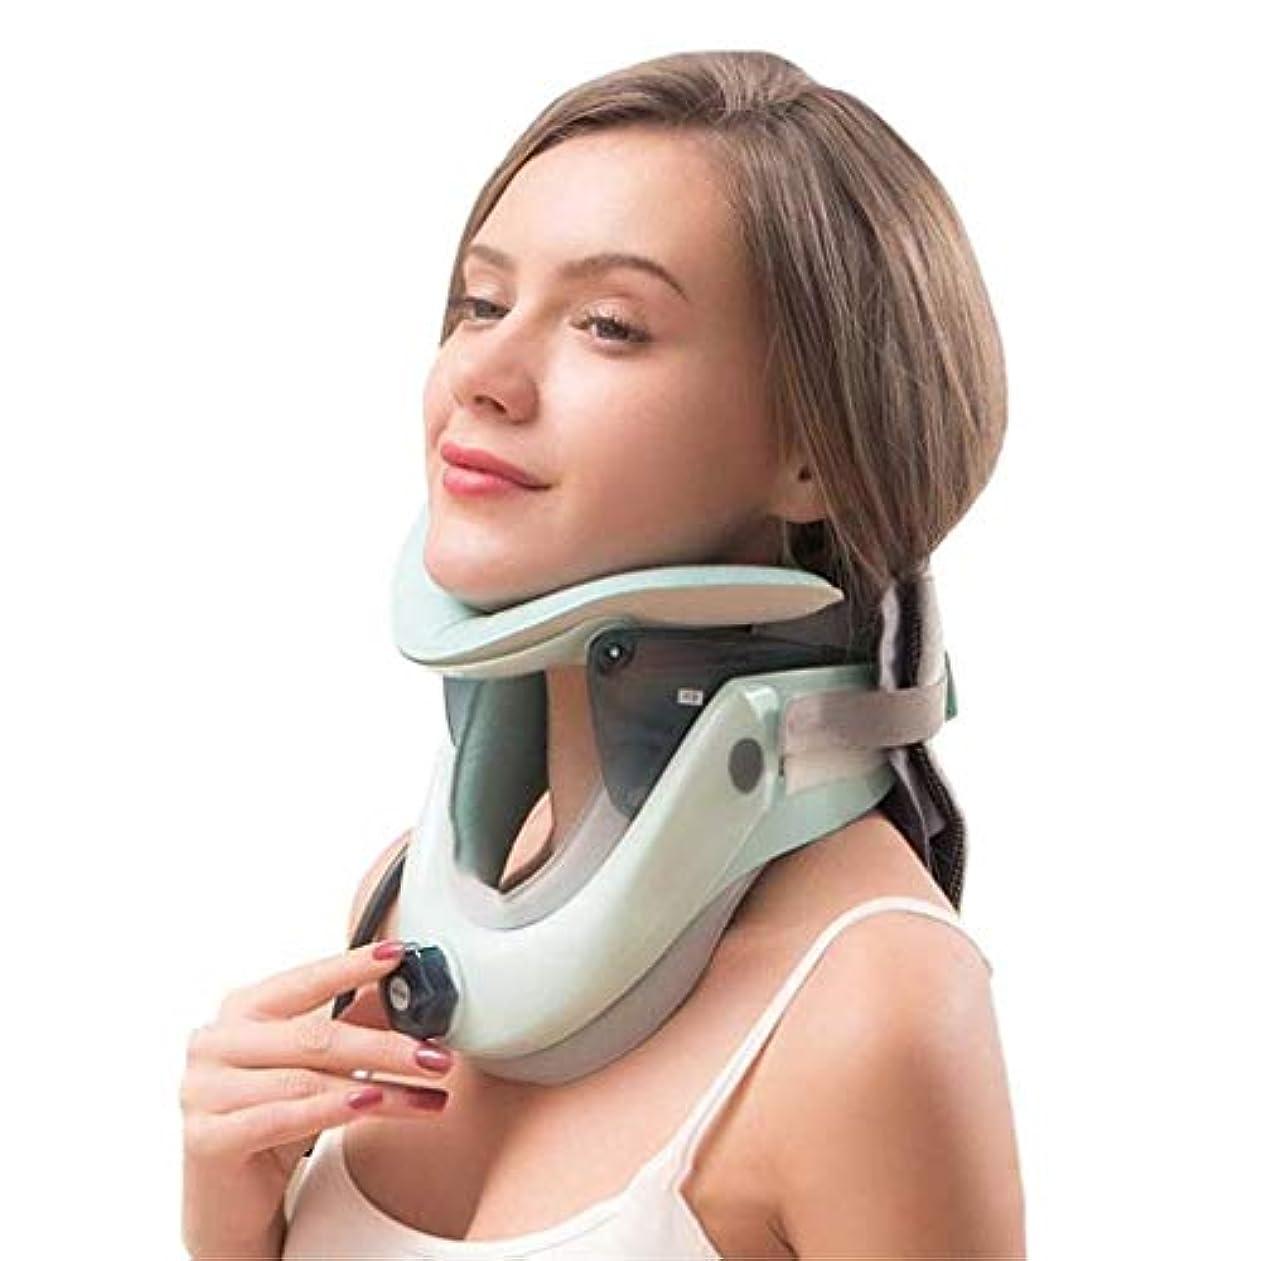 頸部牽引ツール、医療用頸部牽引装置、家庭用インフレータブルネックサポート頸部サポート、ストレッチヘッド補正サポート、首と肩のマッサージャーのサポート痛みの軽減